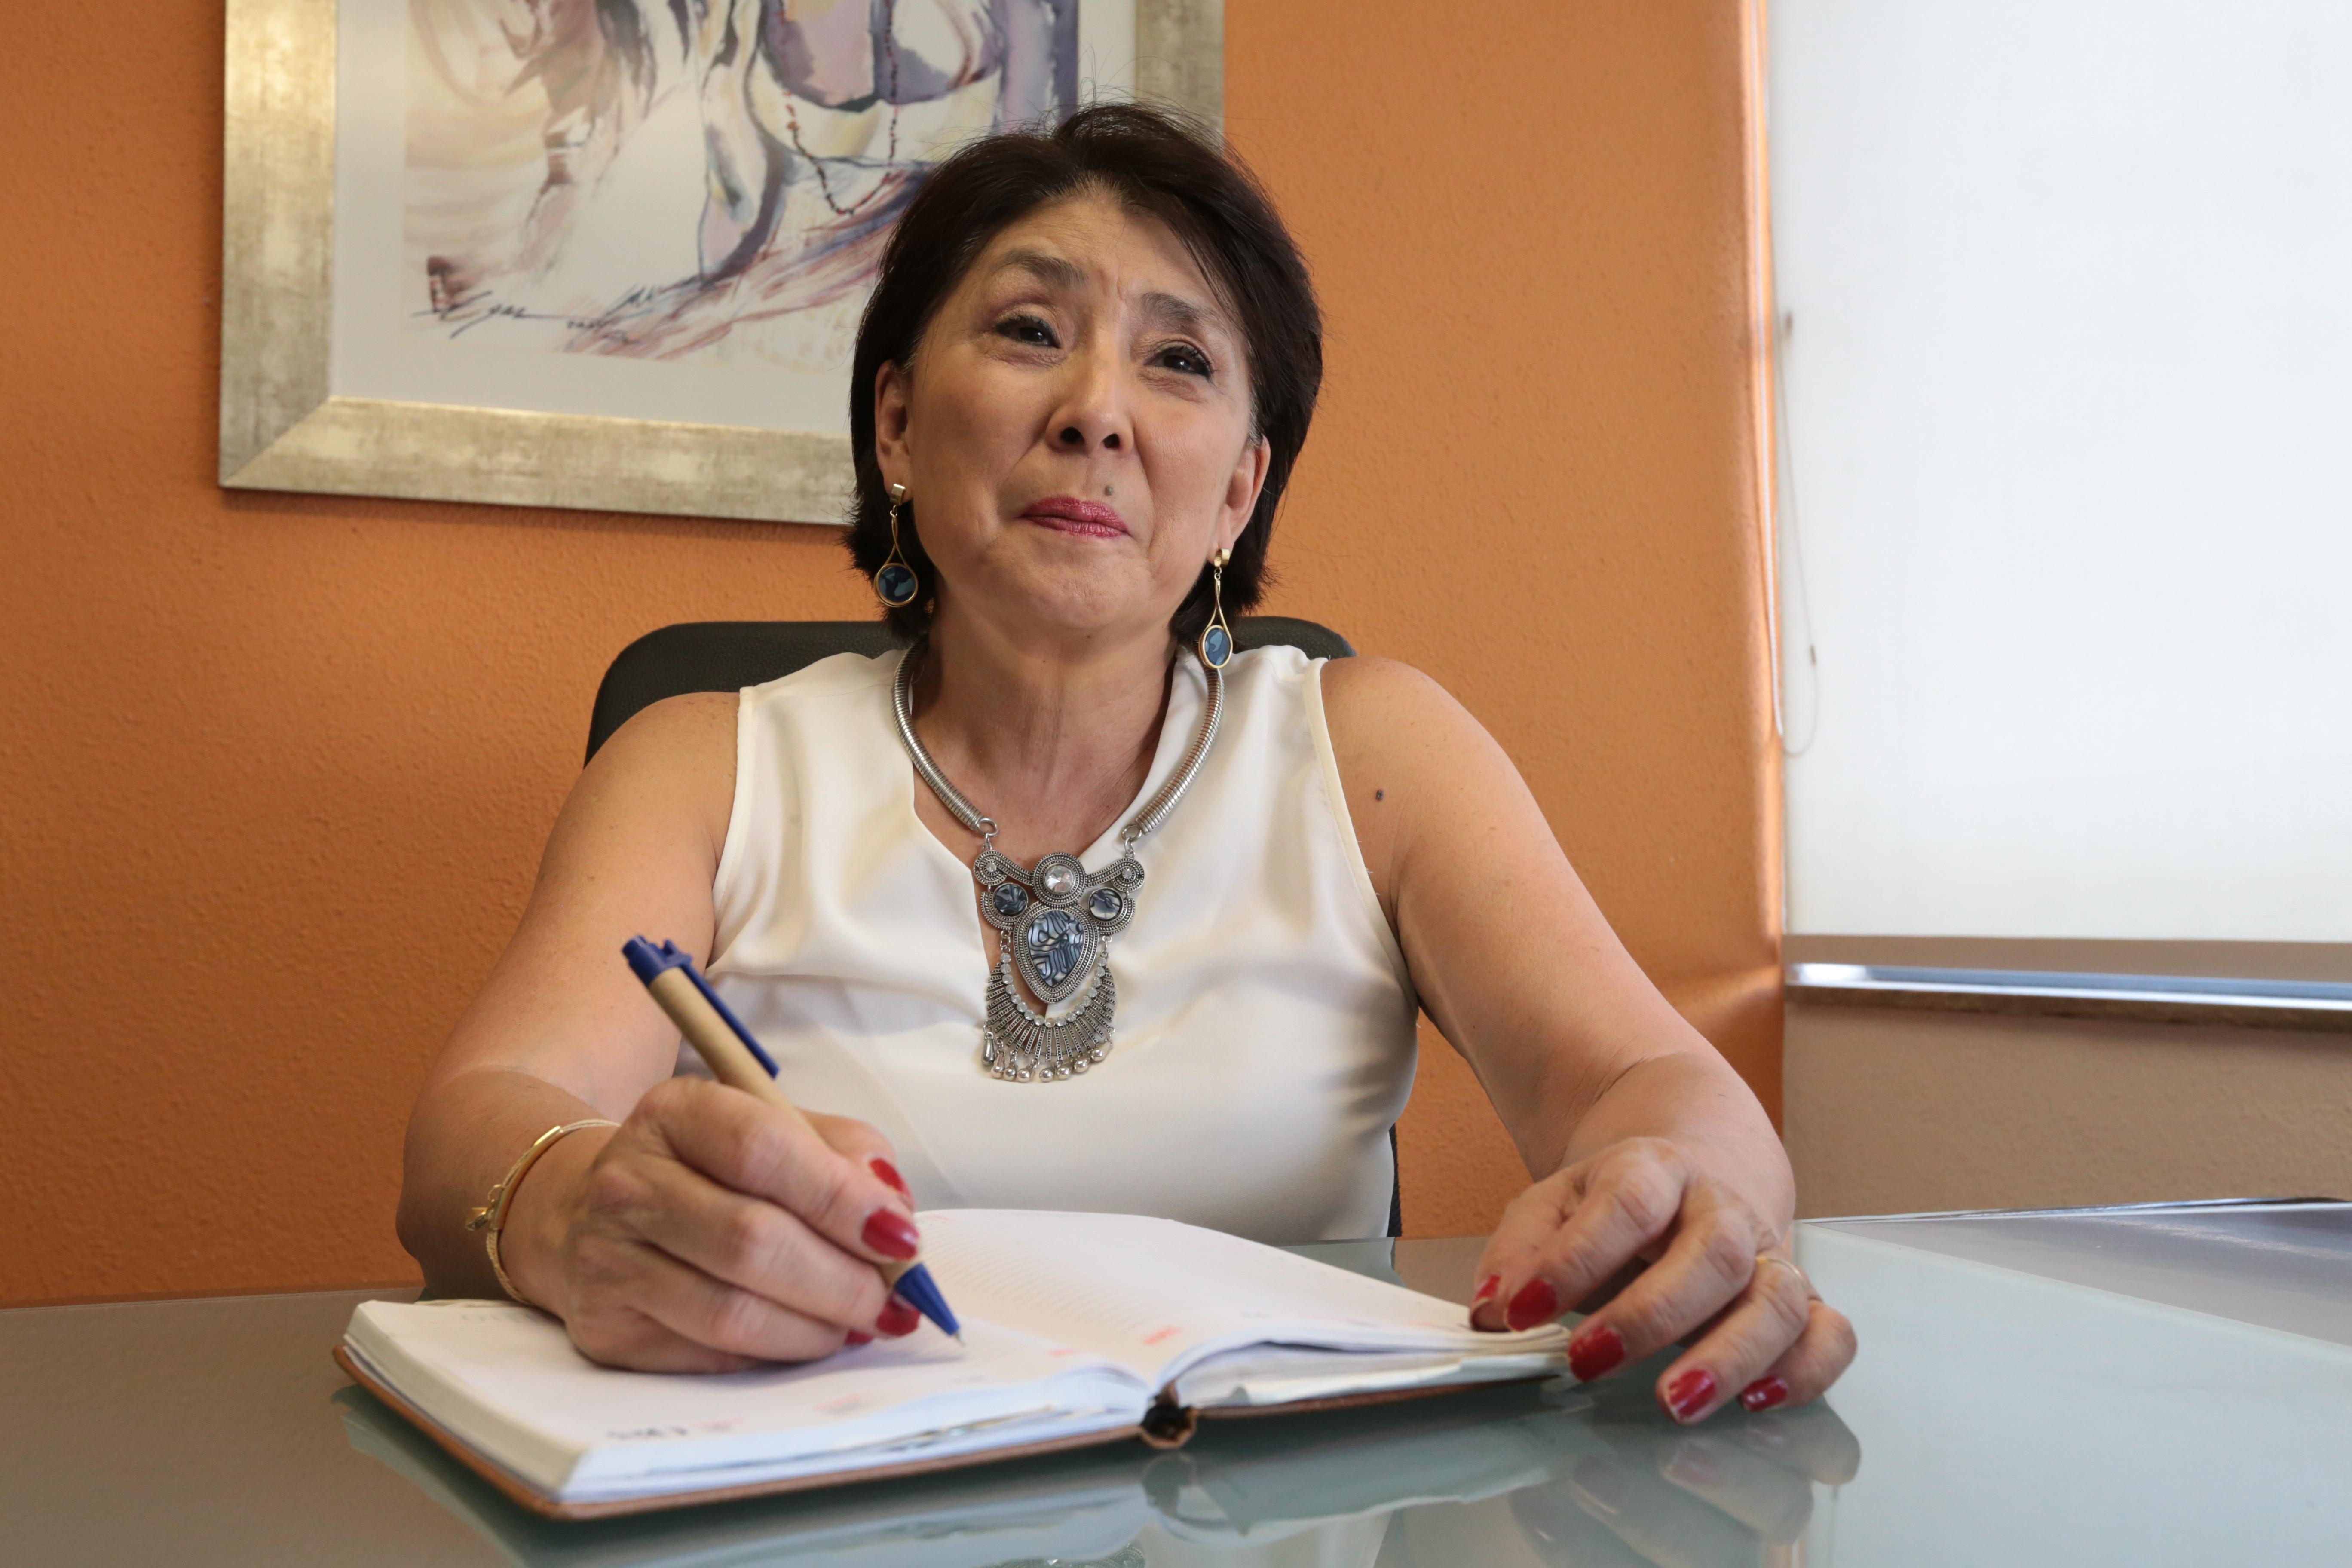 À CBN, presidente do SindiVarejista comenta queda nas vendas